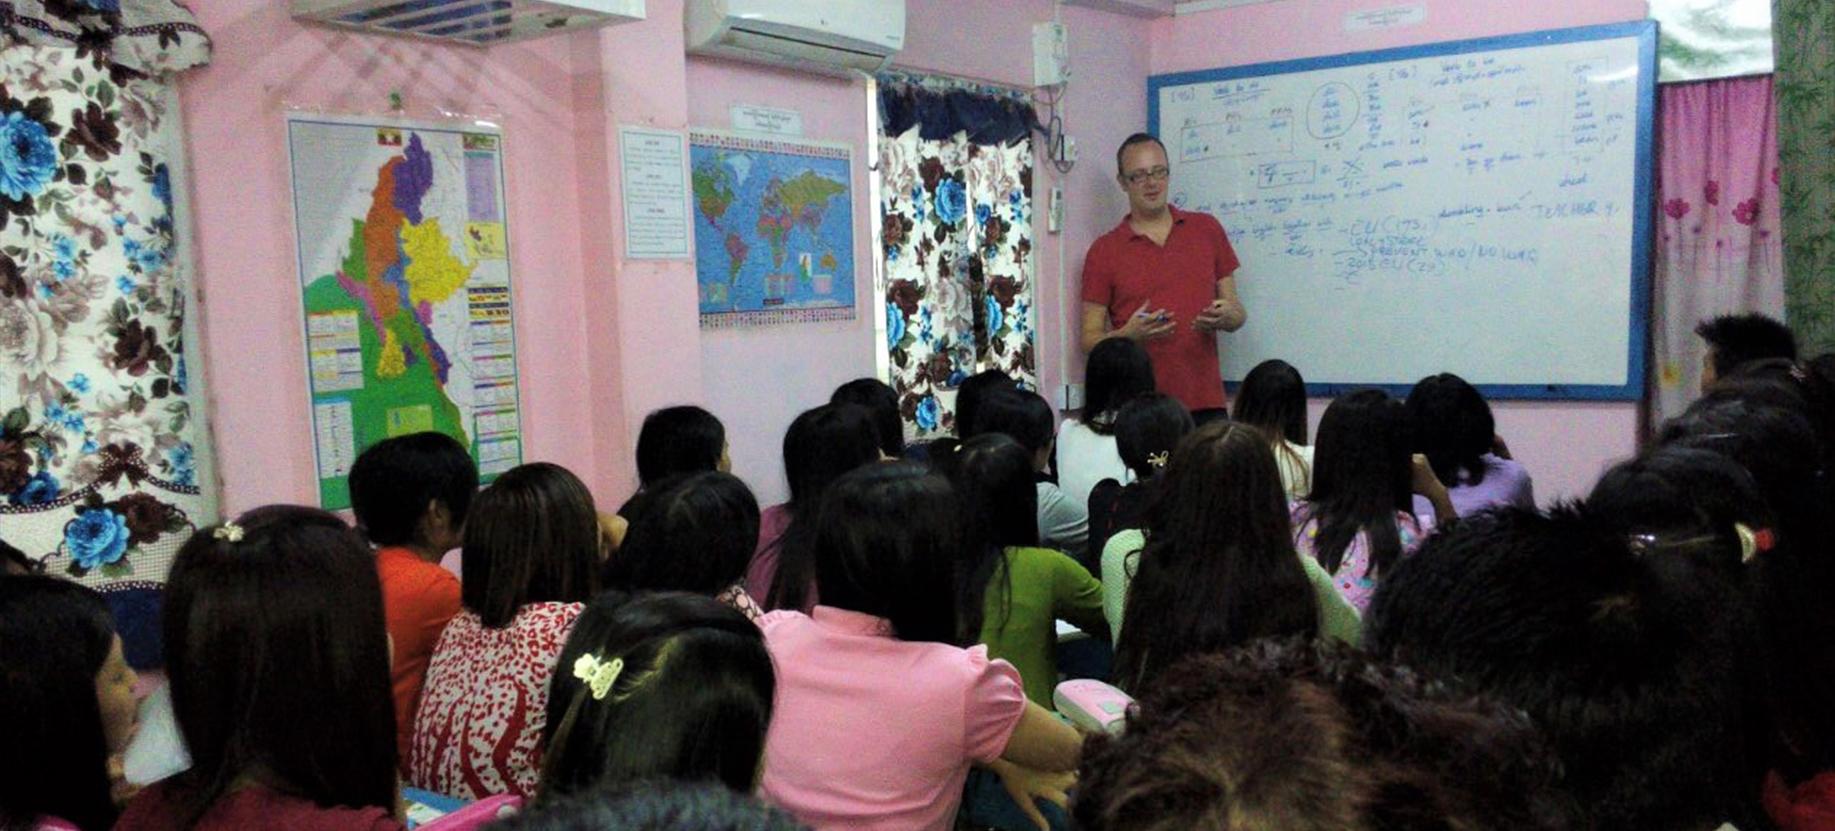 Docent Maarten activeert leerlingen met aangrijpend verhaal van Myanmarese vriend